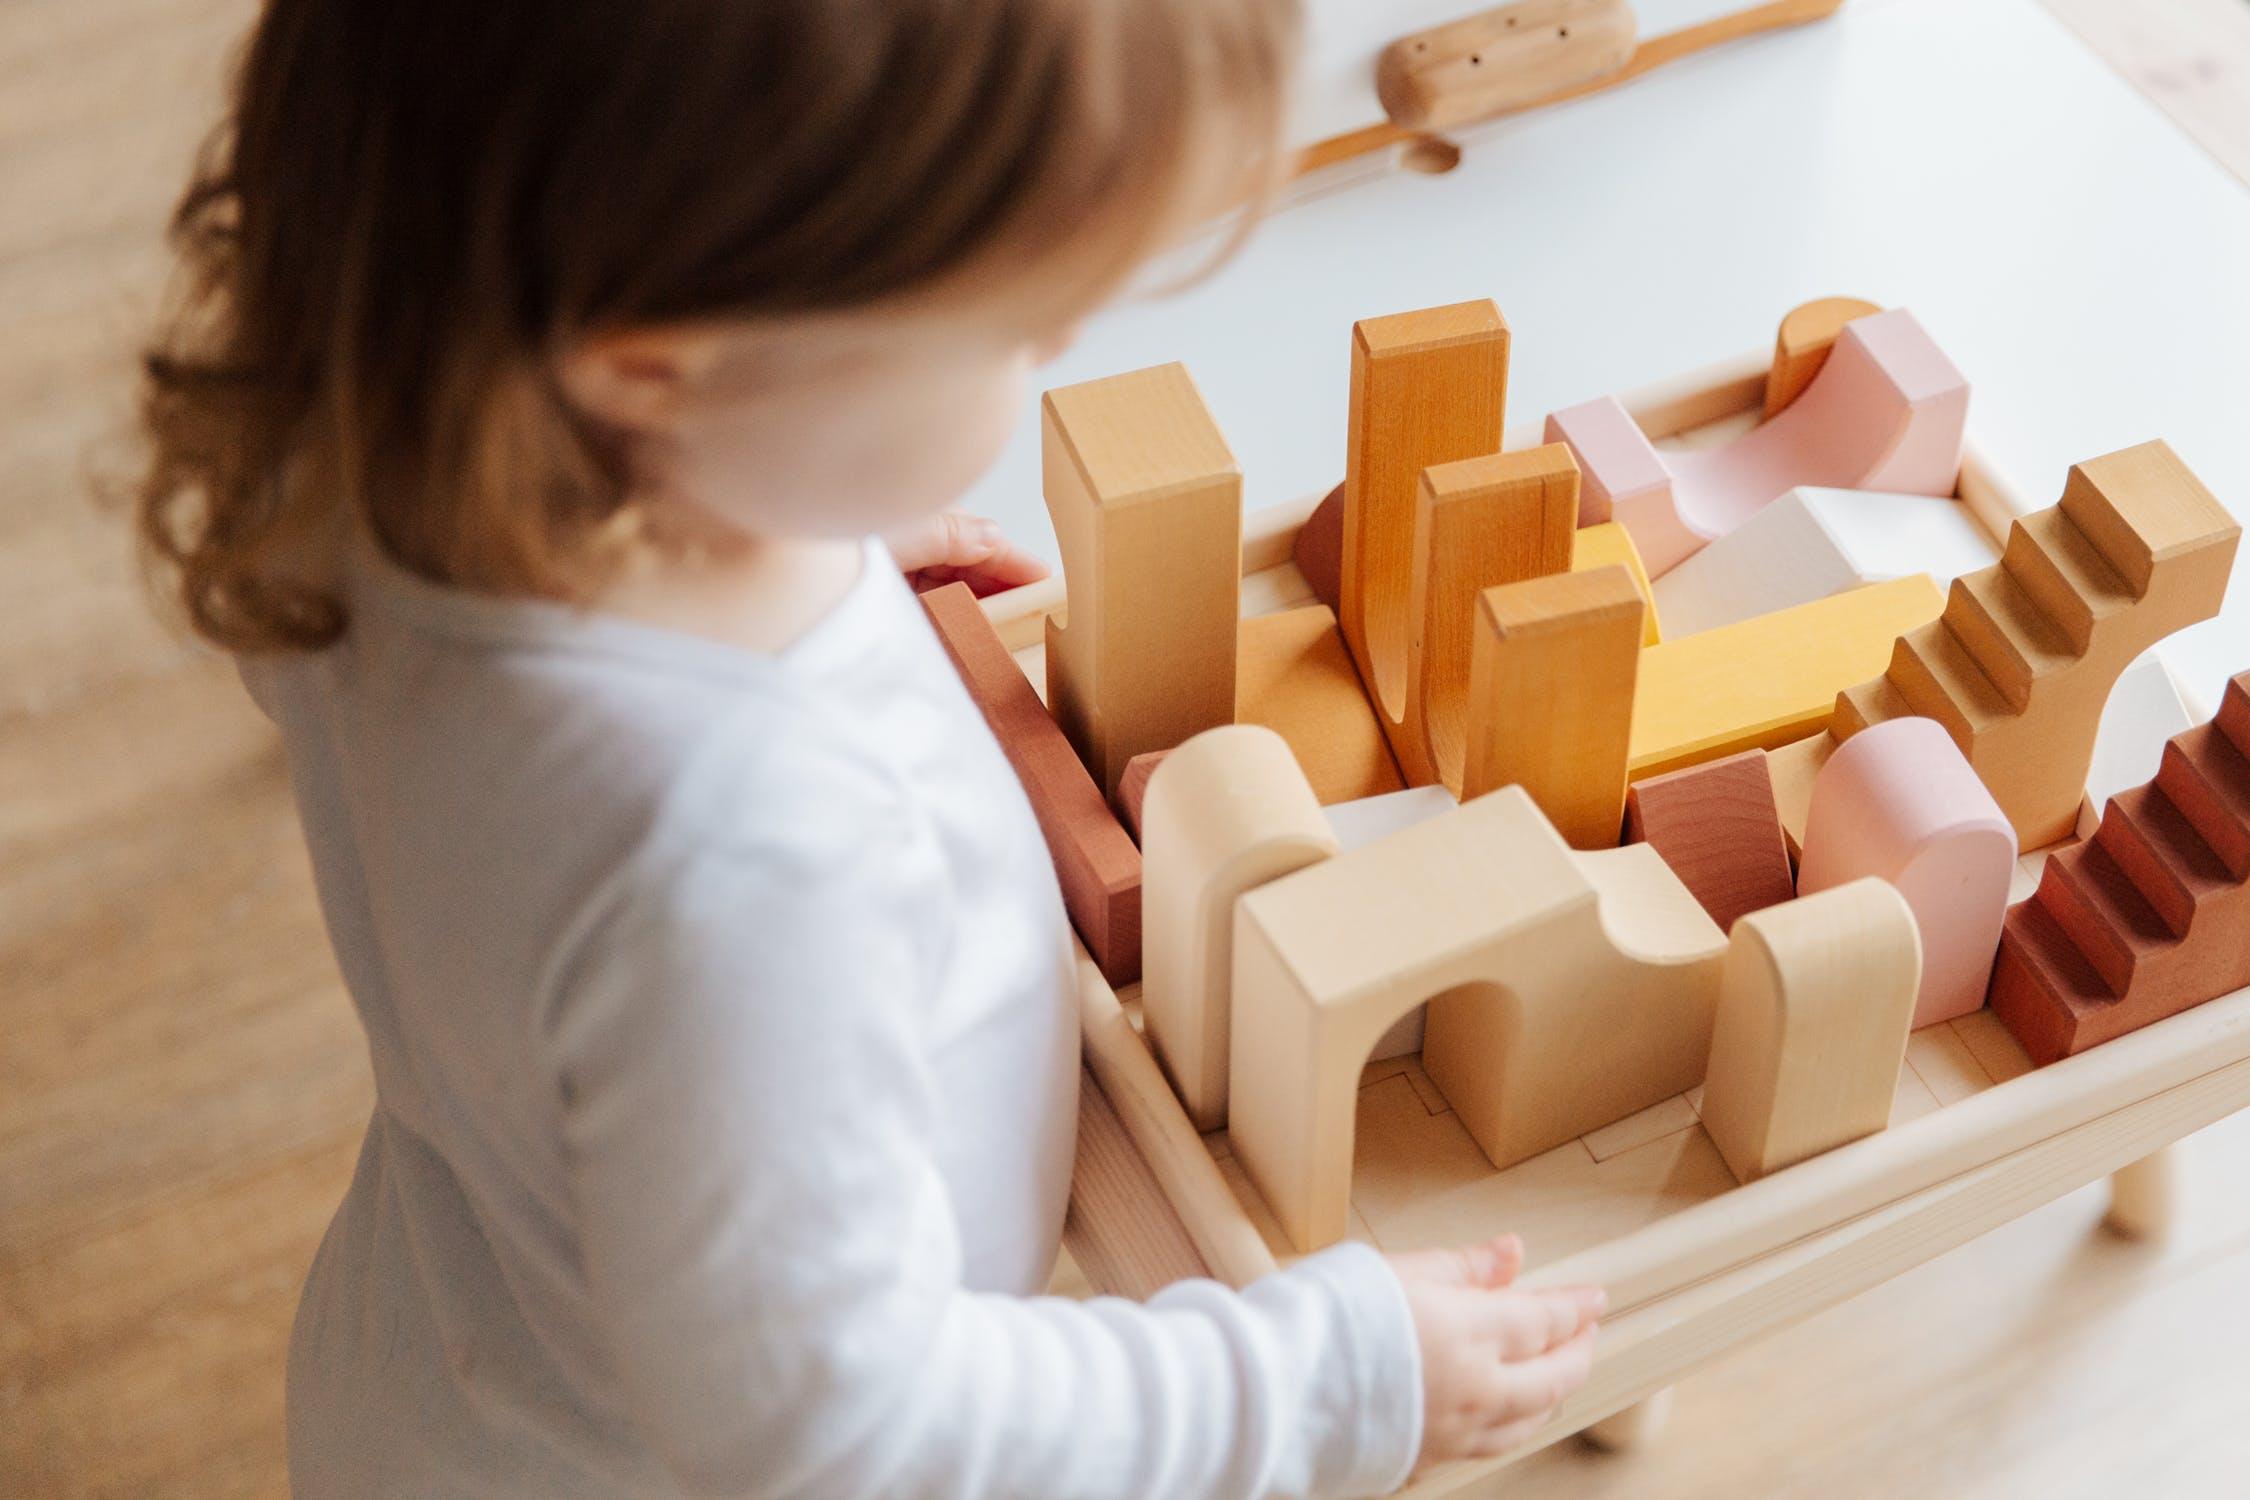 Deti v istom období milujú poriadok a všetky predmety budú ukladať na svoje miesto. / Zdroj: Pexels